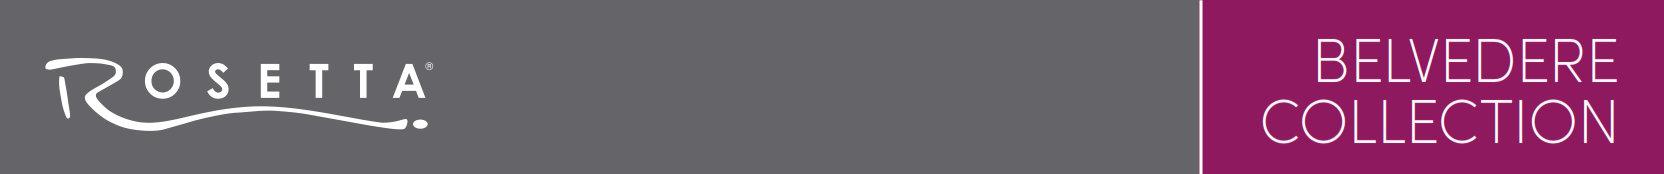 Rosetta Belvedere Banner